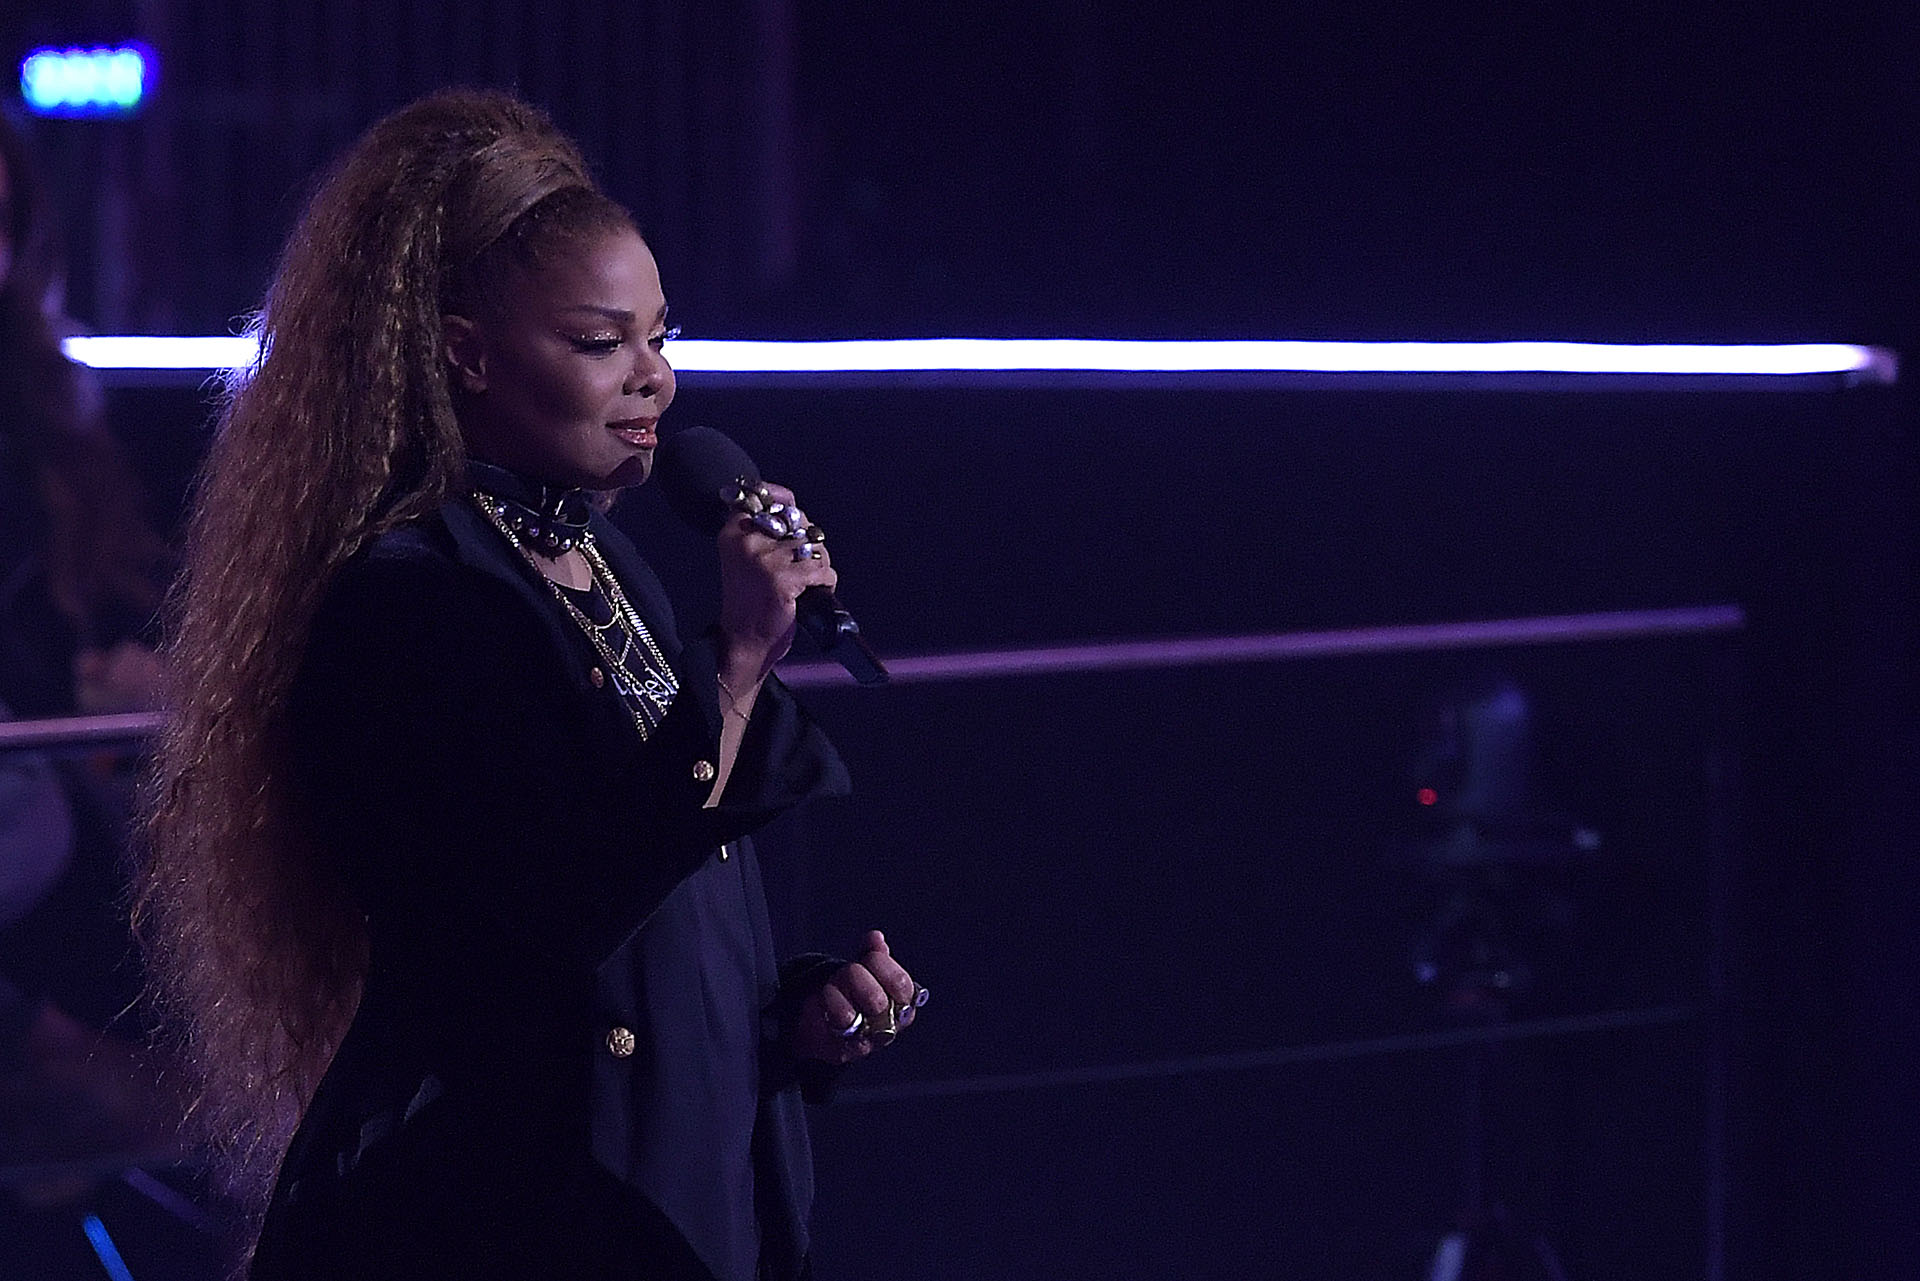 """Janet Jackson recibió el premio Global Icon y pronunció un emotivo discurso para apoyar a las mujeres que han sido """"amordazadas y maltratadas"""" y promovió la igualdad de género"""